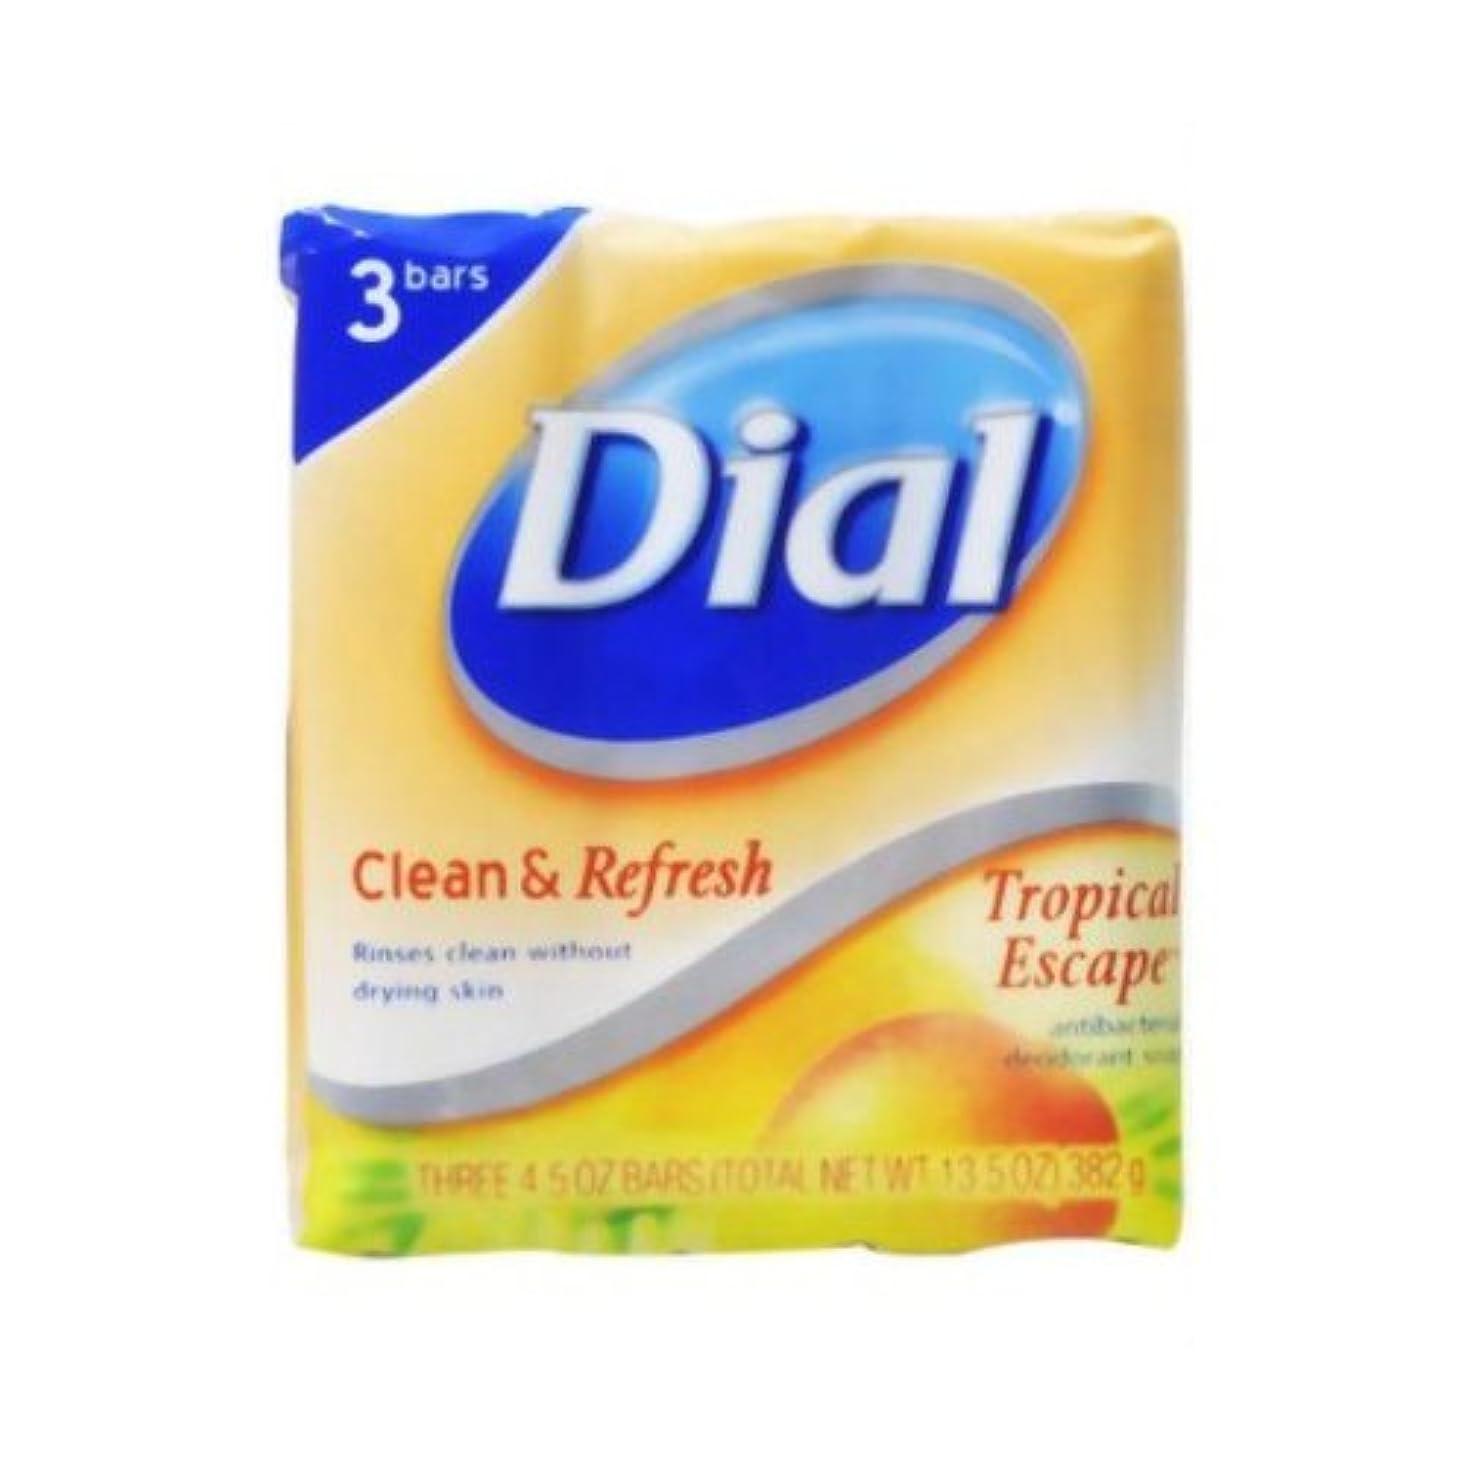 相談下線計り知れない【DIAL】ダイアル デオドラント石鹸 トロピカルエスケープ 3個パック